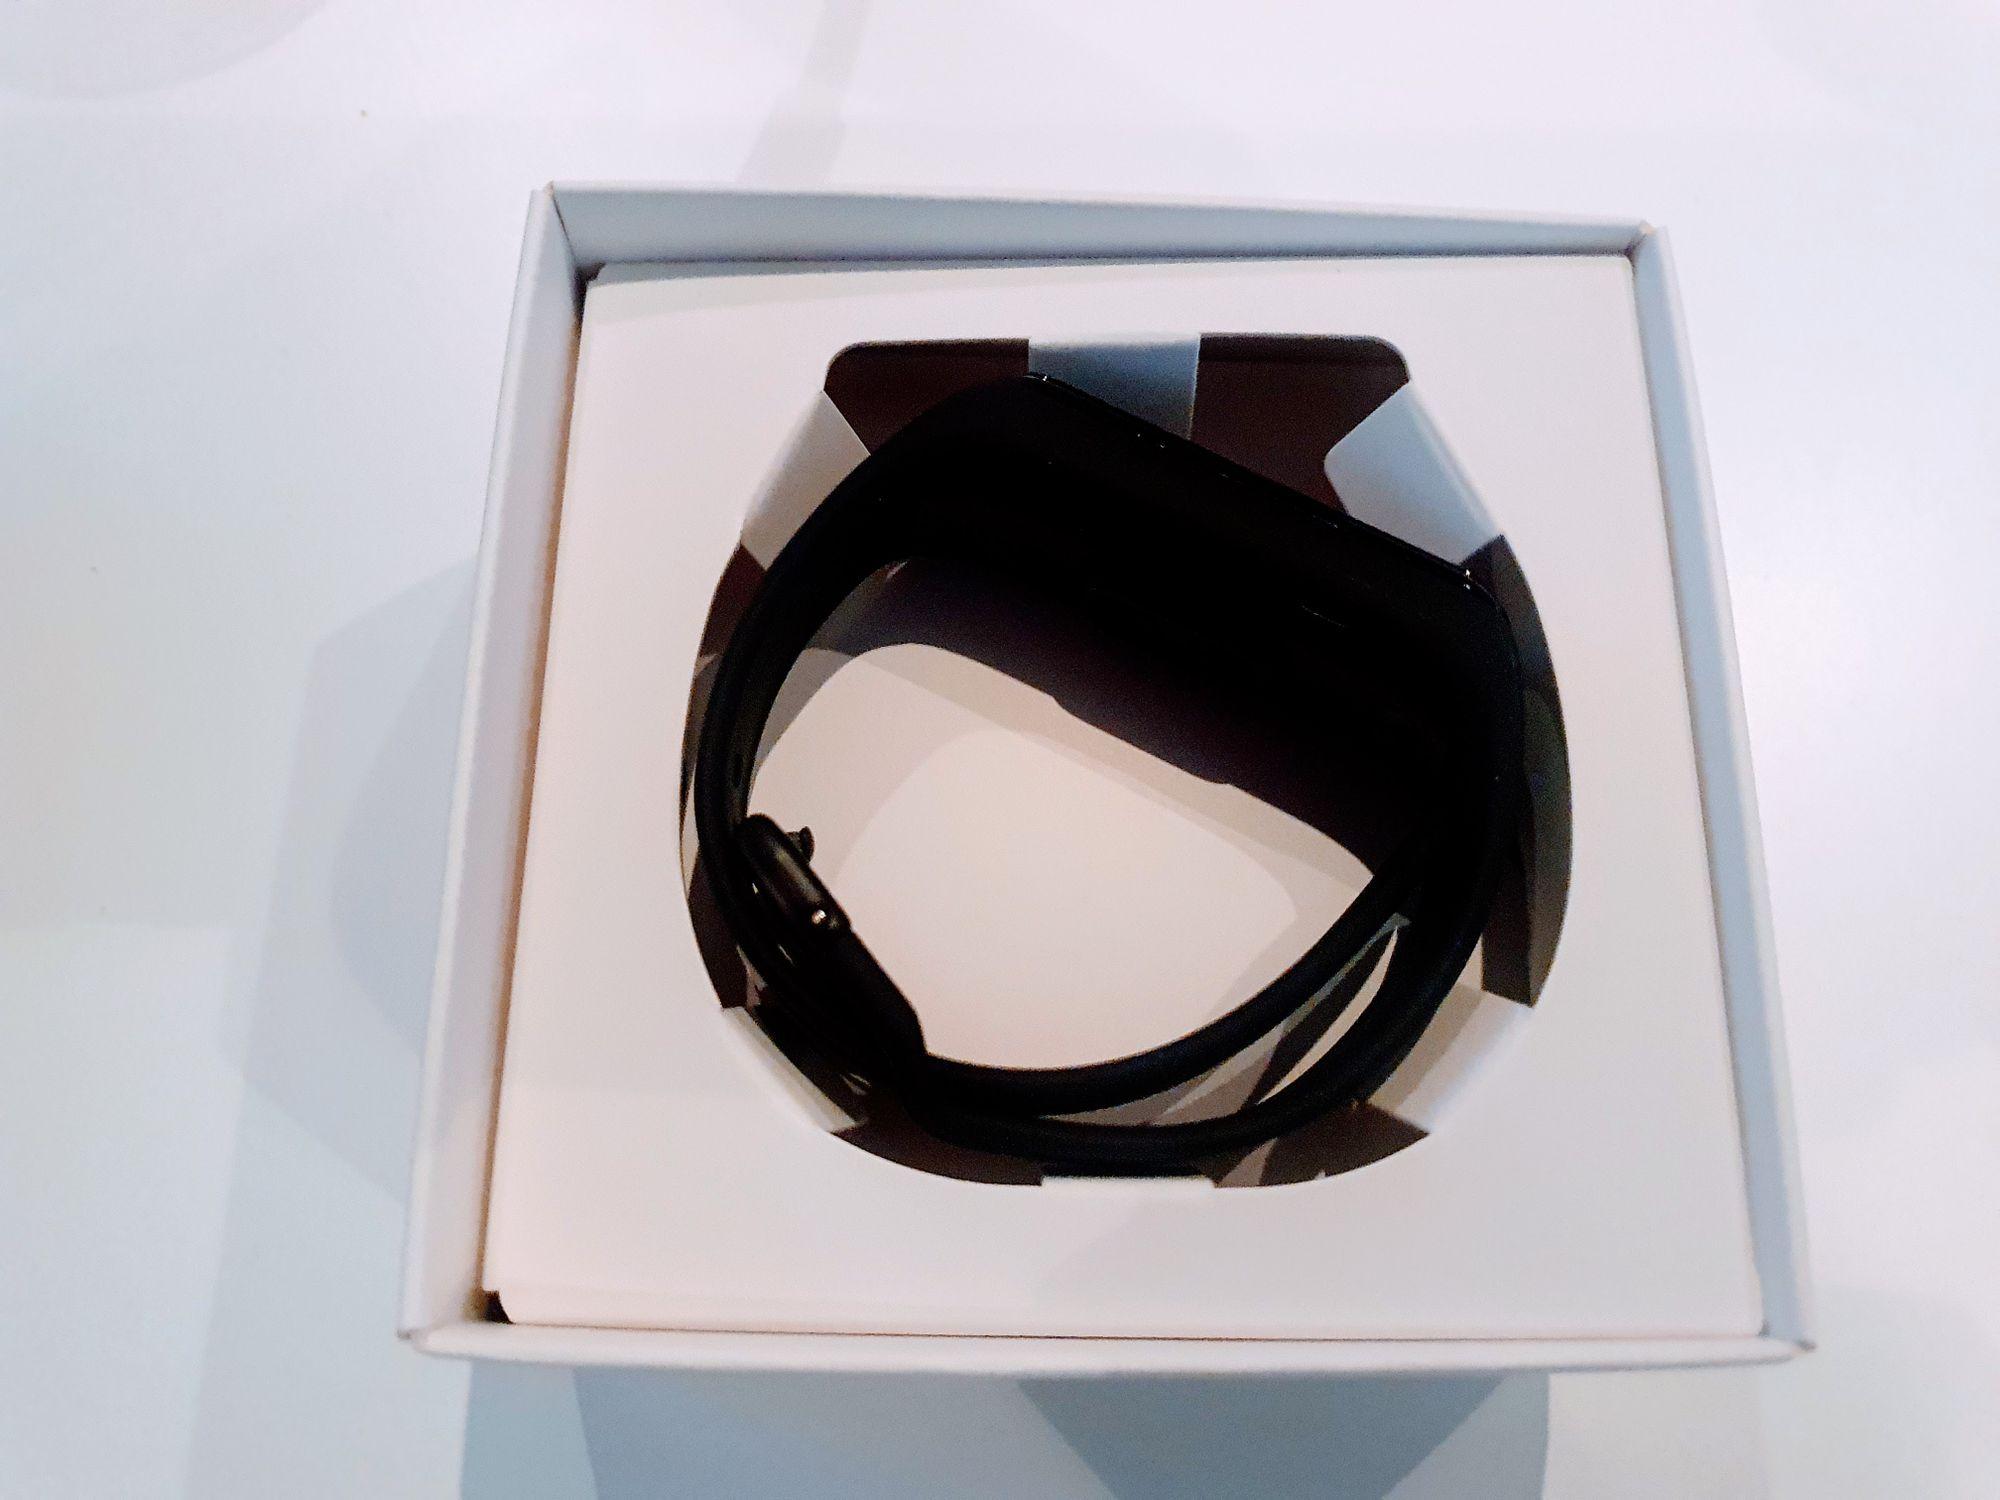 Embalaje superior de la pulsera Galaxy Fit 2